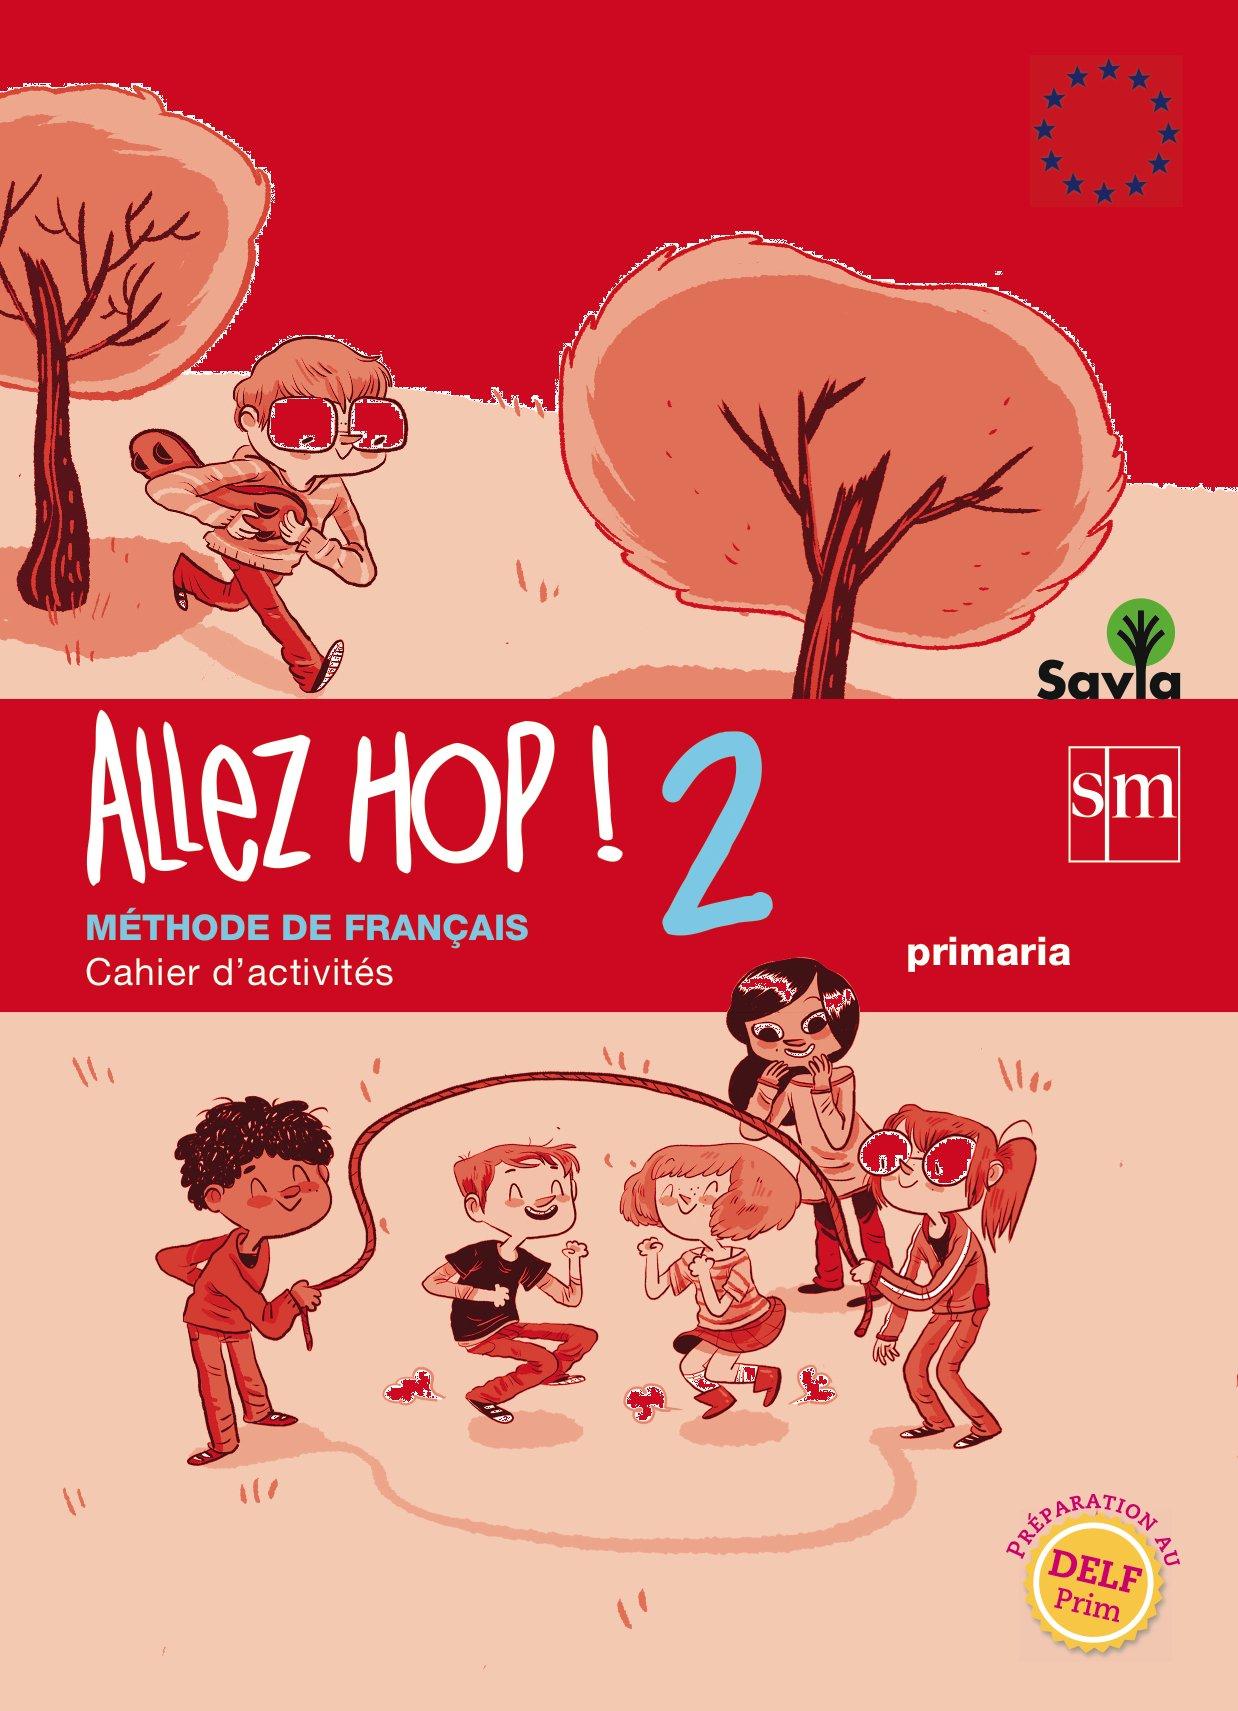 Allez Hop! 2: cahier d'activités. Primaria. Savia - 9788467569490 Tapa blanda – 5 may 2014 Laurent Guiard Leonor P. Jury Fermín Solis Campos Grupo SM Educación